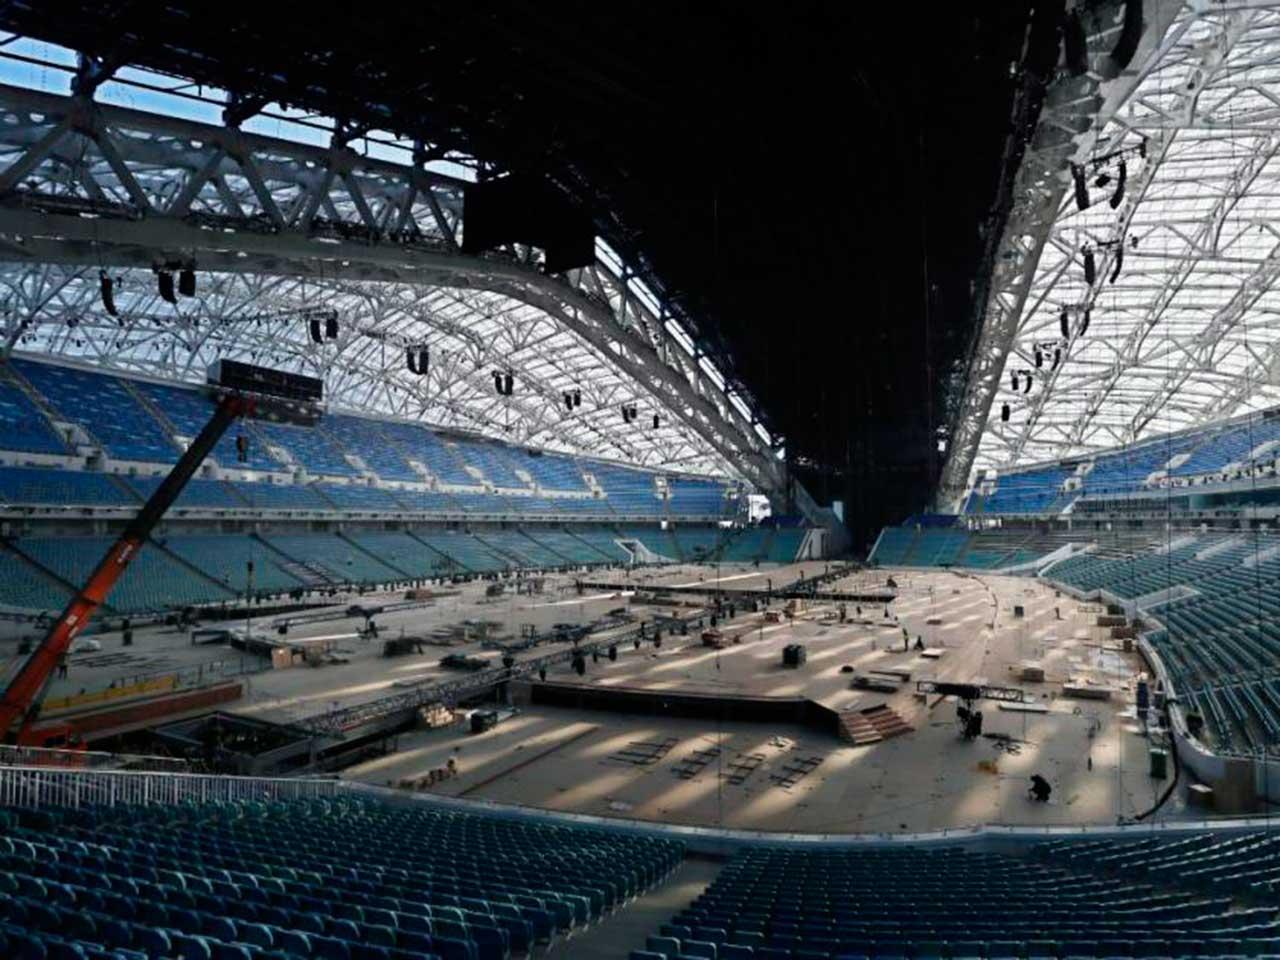 Construcción del Estadio Fisht